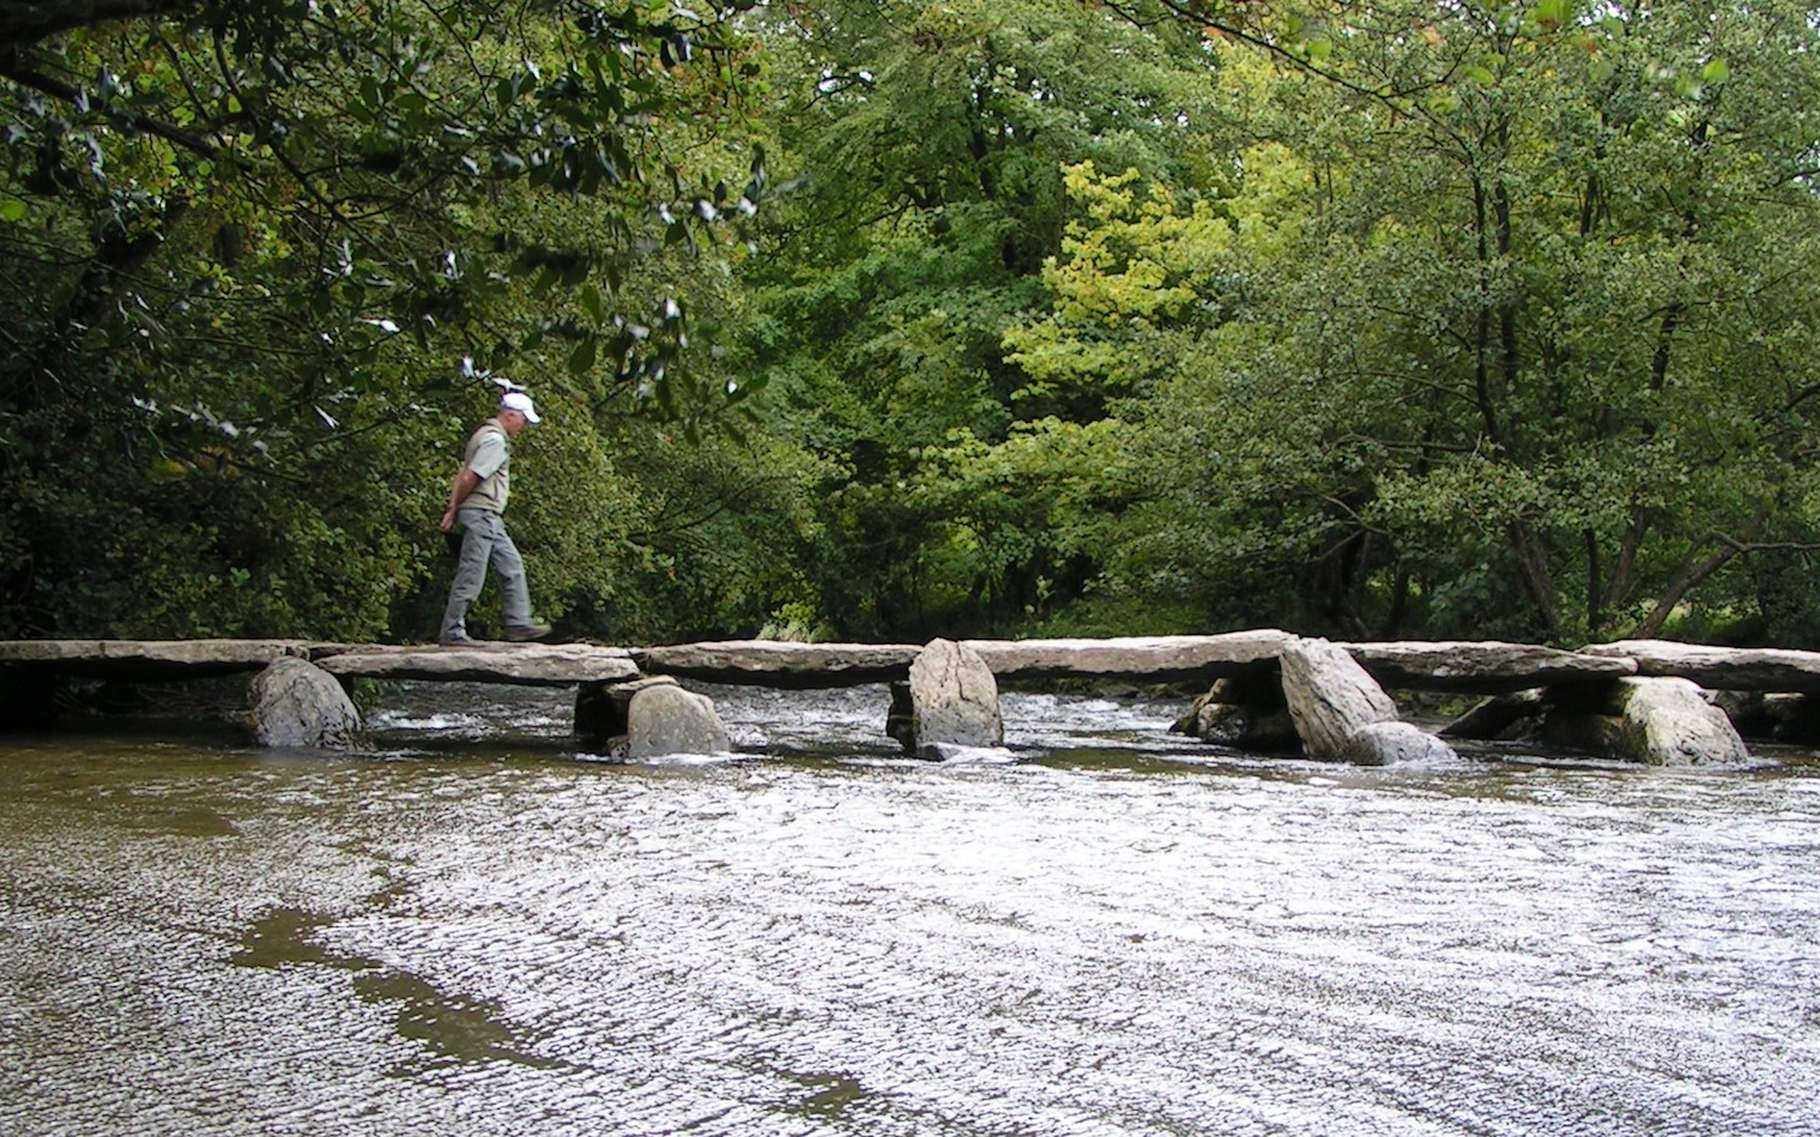 Les premiers ponts étaient très rudimentaires. Aujourd'hui, certains permettent de franchir de nombreux obstacles et on les appelle plutôt des viaducs. © Stefan Kühn, Wikipedia, CC by-sa 3.0